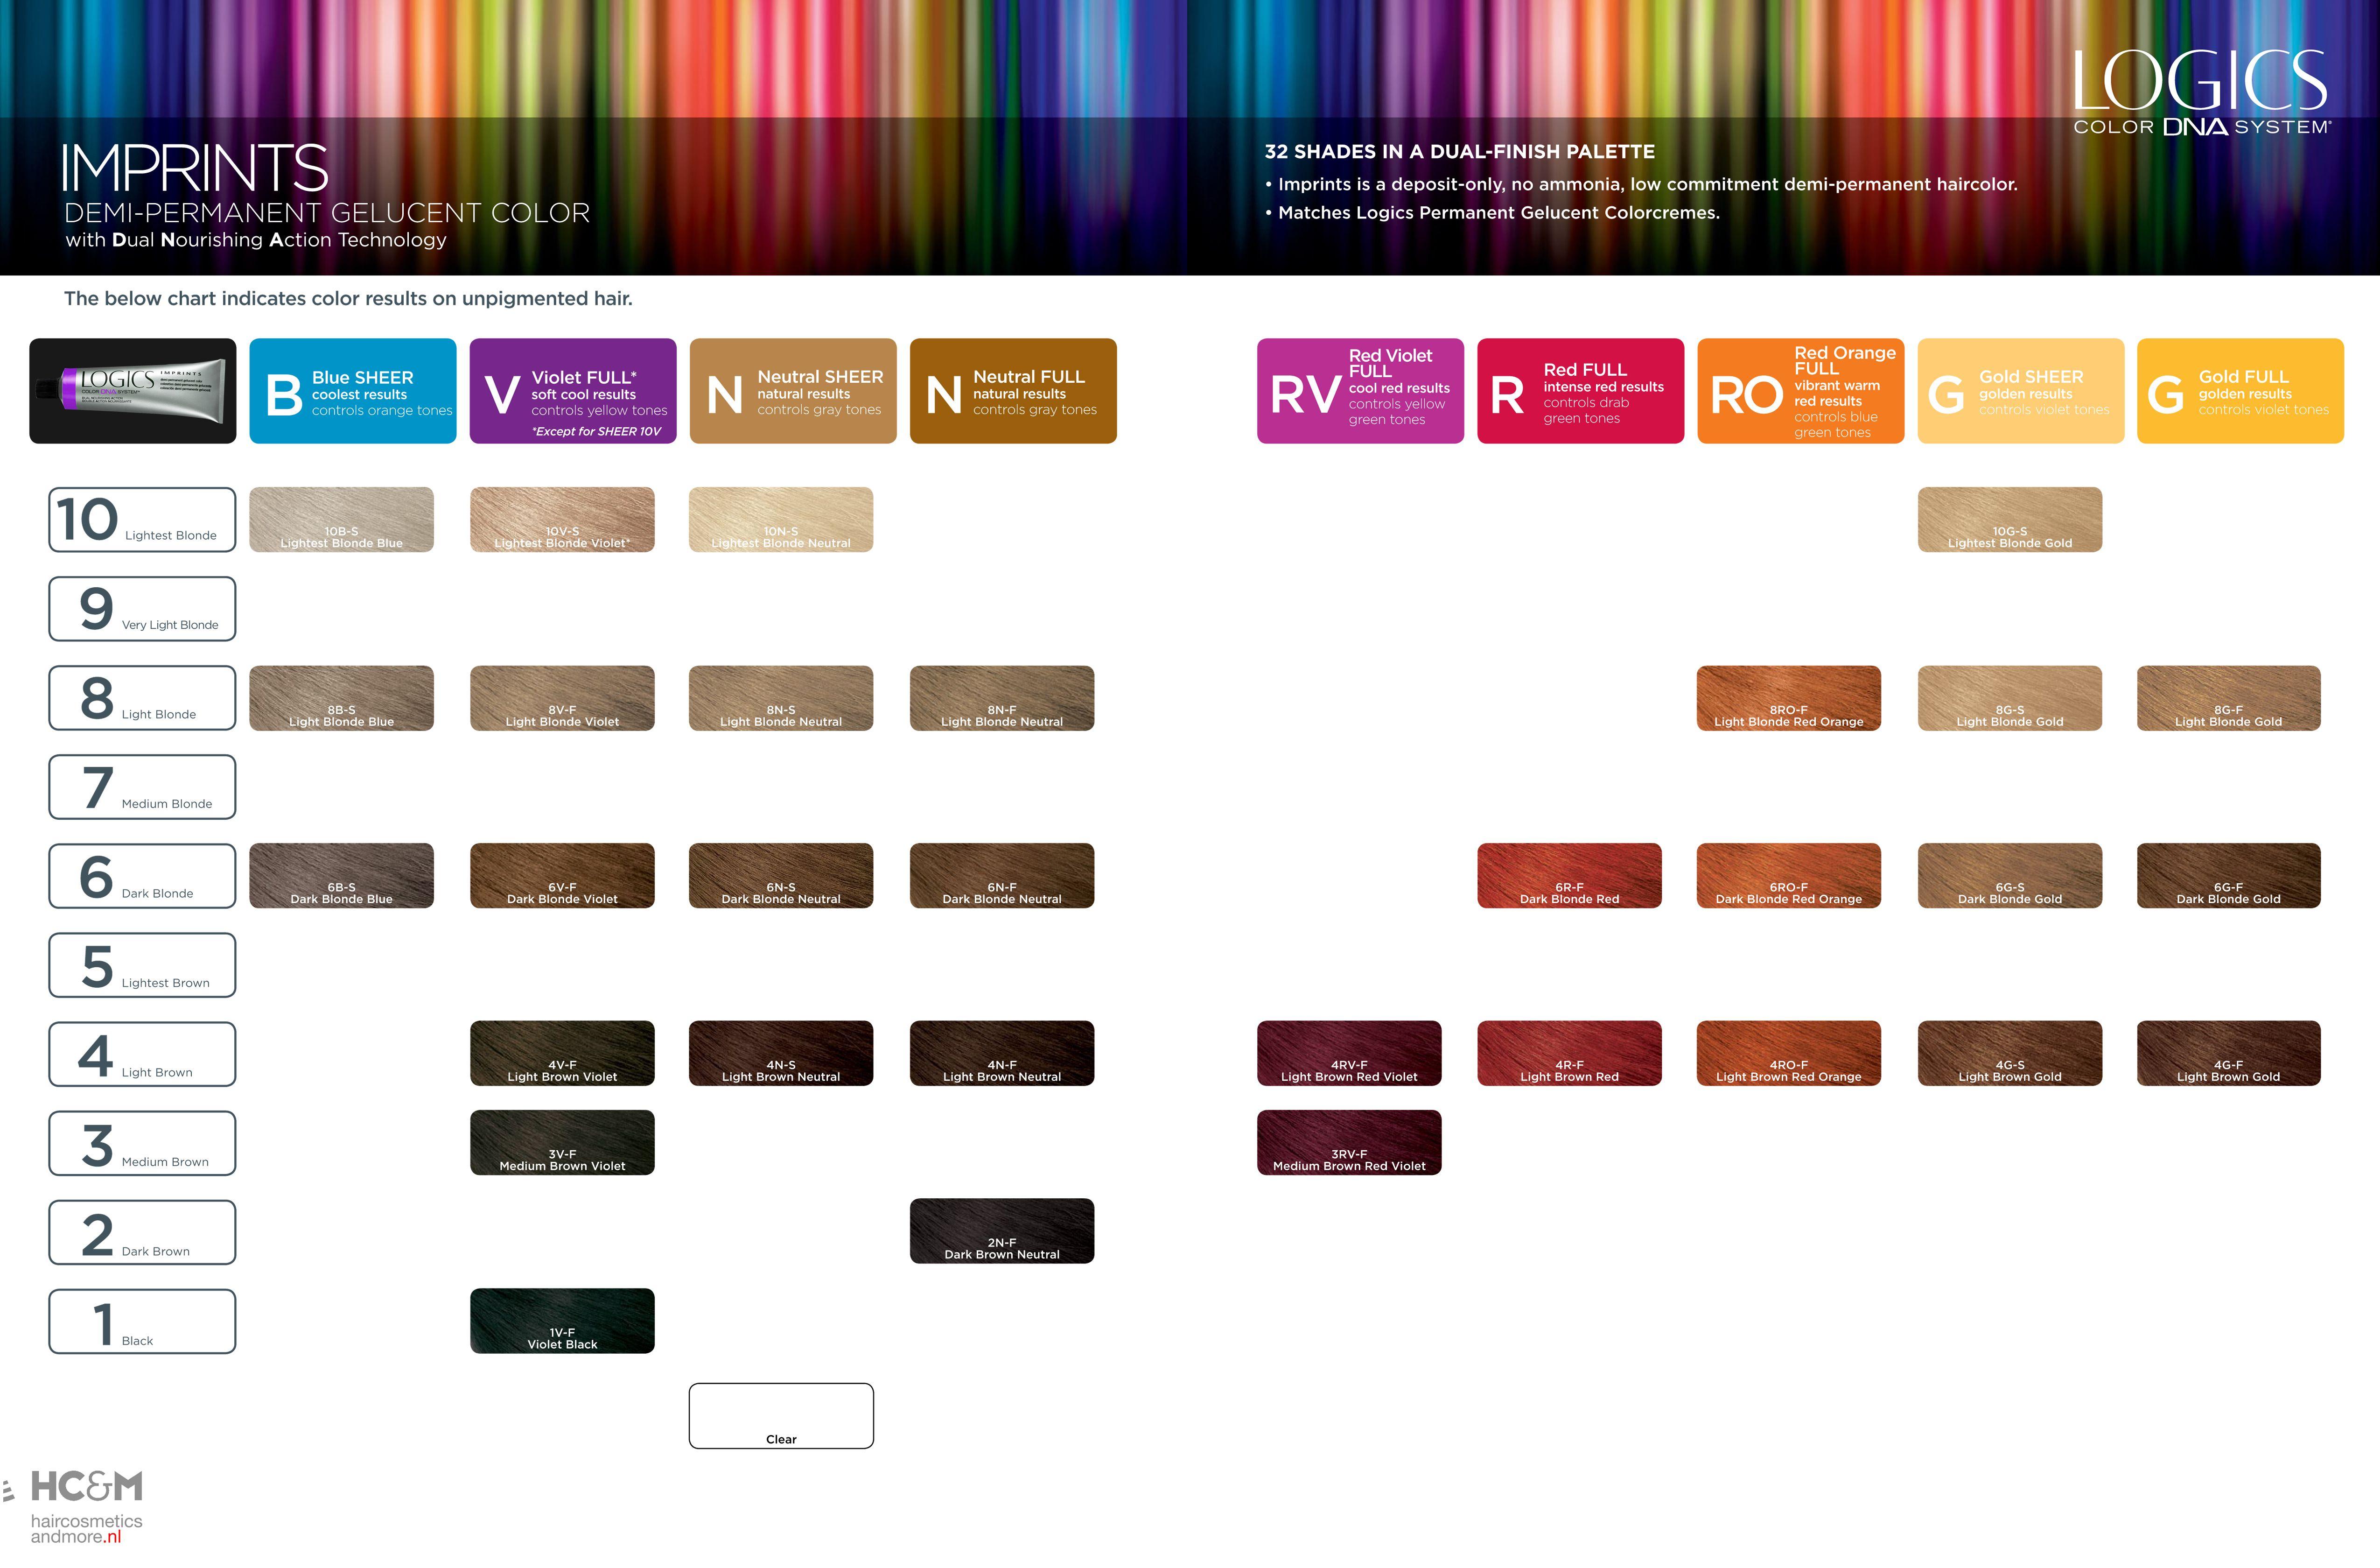 Logics Color Dna System Imprints Demi Permanent Celucent Color Shades Palette Hair Color Chart Chrome Hair Color Joico Color Chart